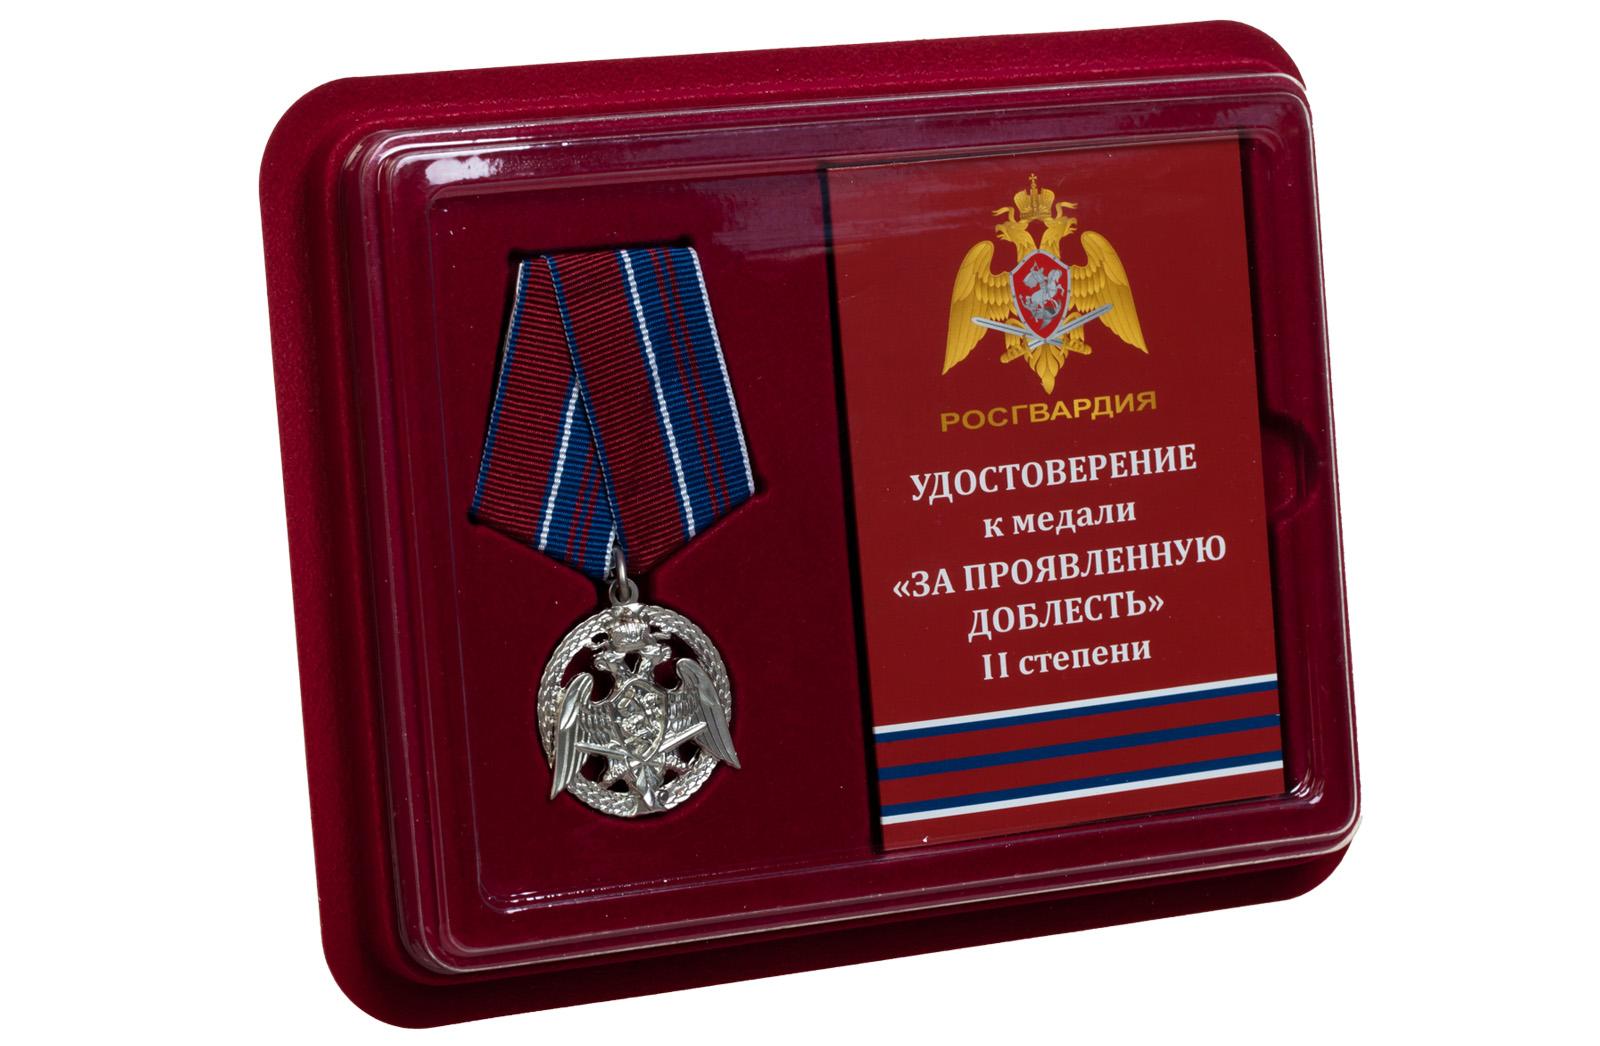 Медаль Росгвардии За проявленную доблесть 2 степени - в футляре с удостоверением